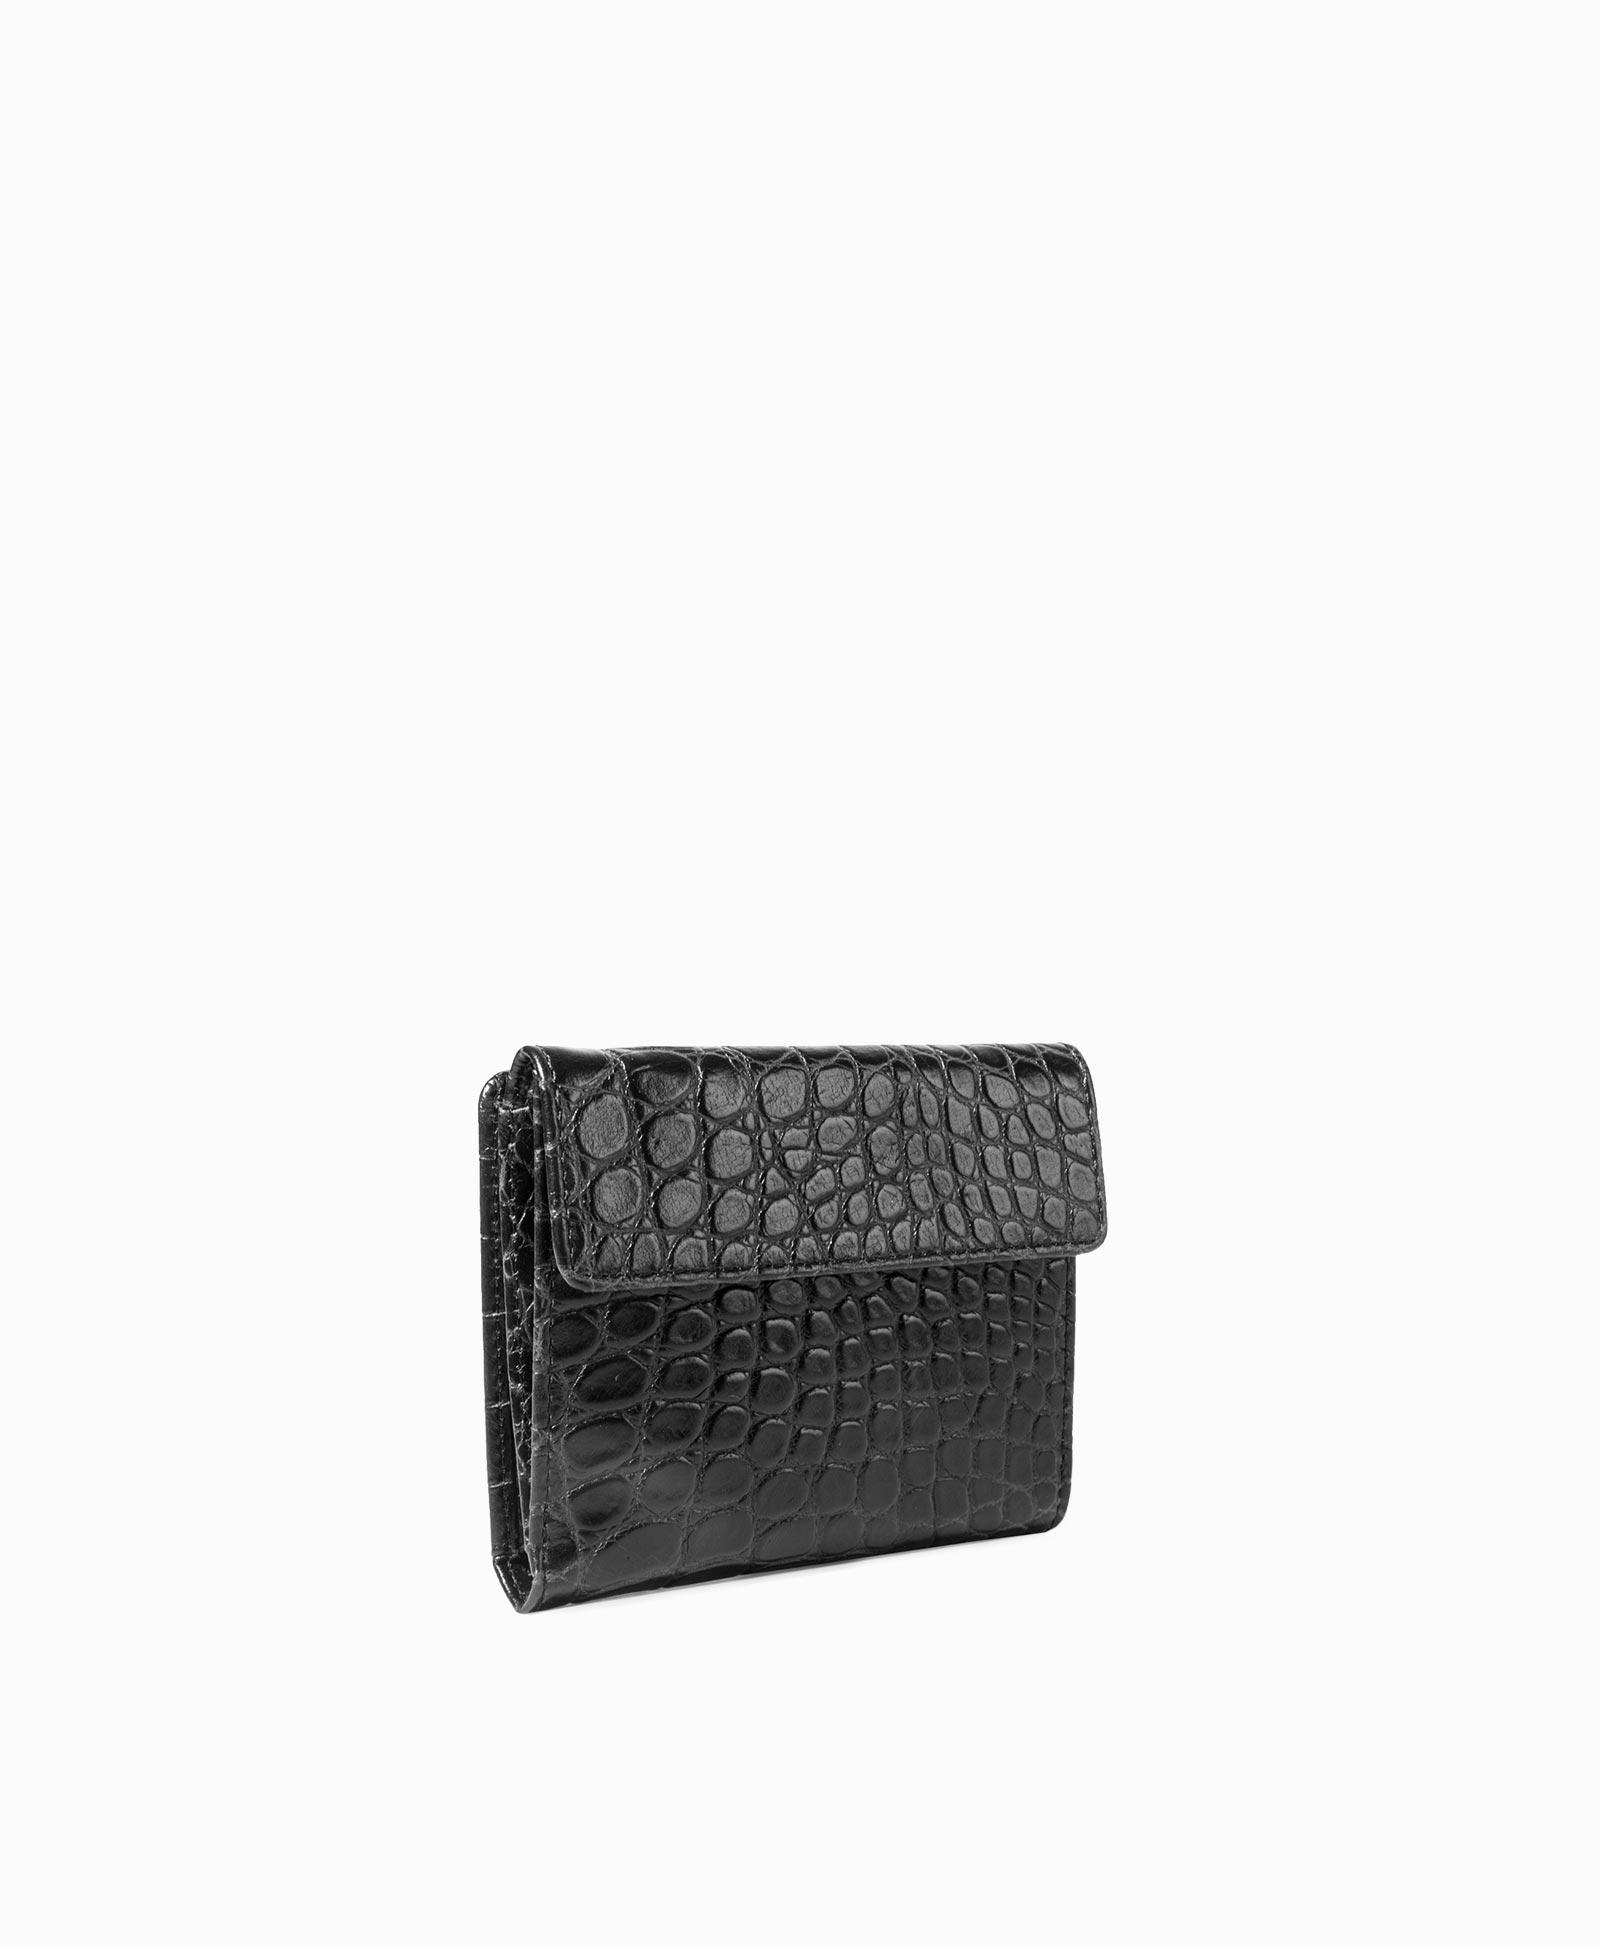 ca479af8d856 Компактное женское портмоне из кожи, имитирующей фактуру крокодила, на  кнопке . Цвет: Графит